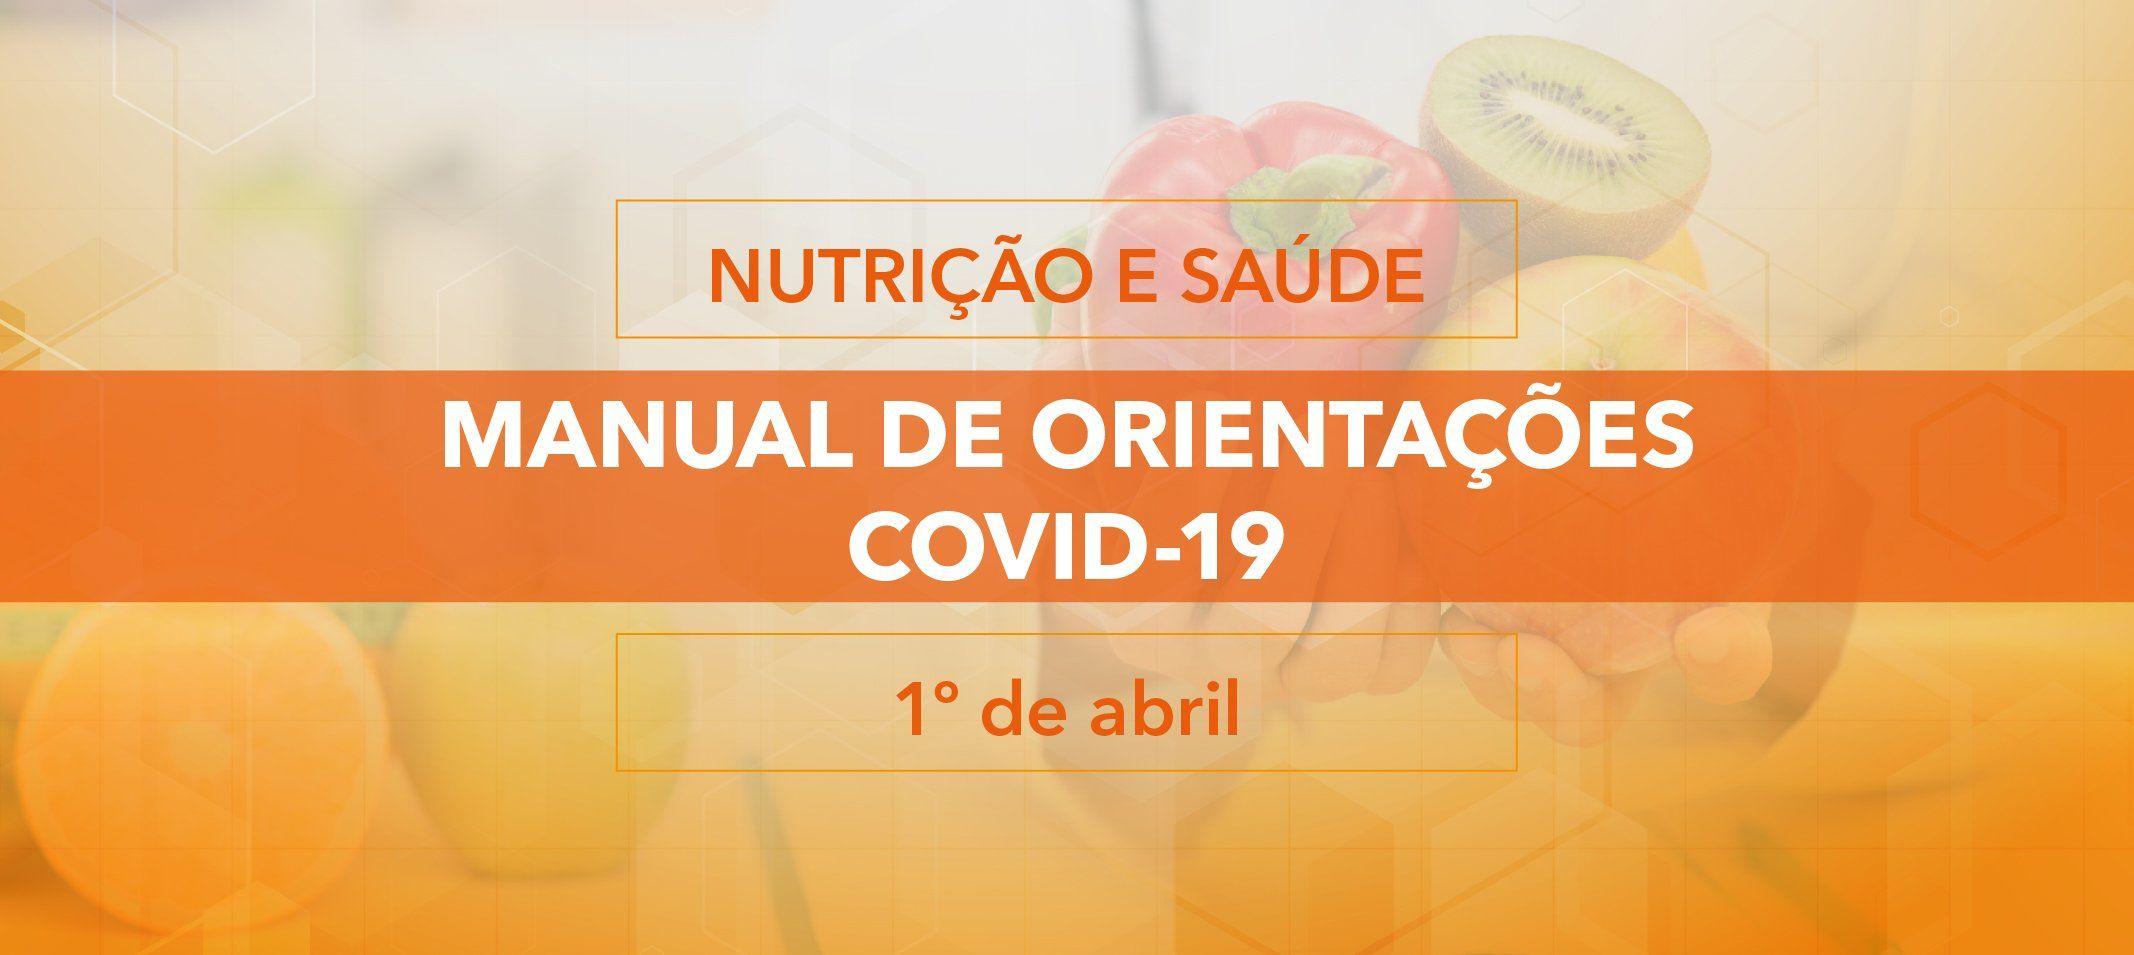 Docentes do curso de Nutrição do ISB elaboram Manual de orientações sobre nutrição e saúde na pandemia de covid-19